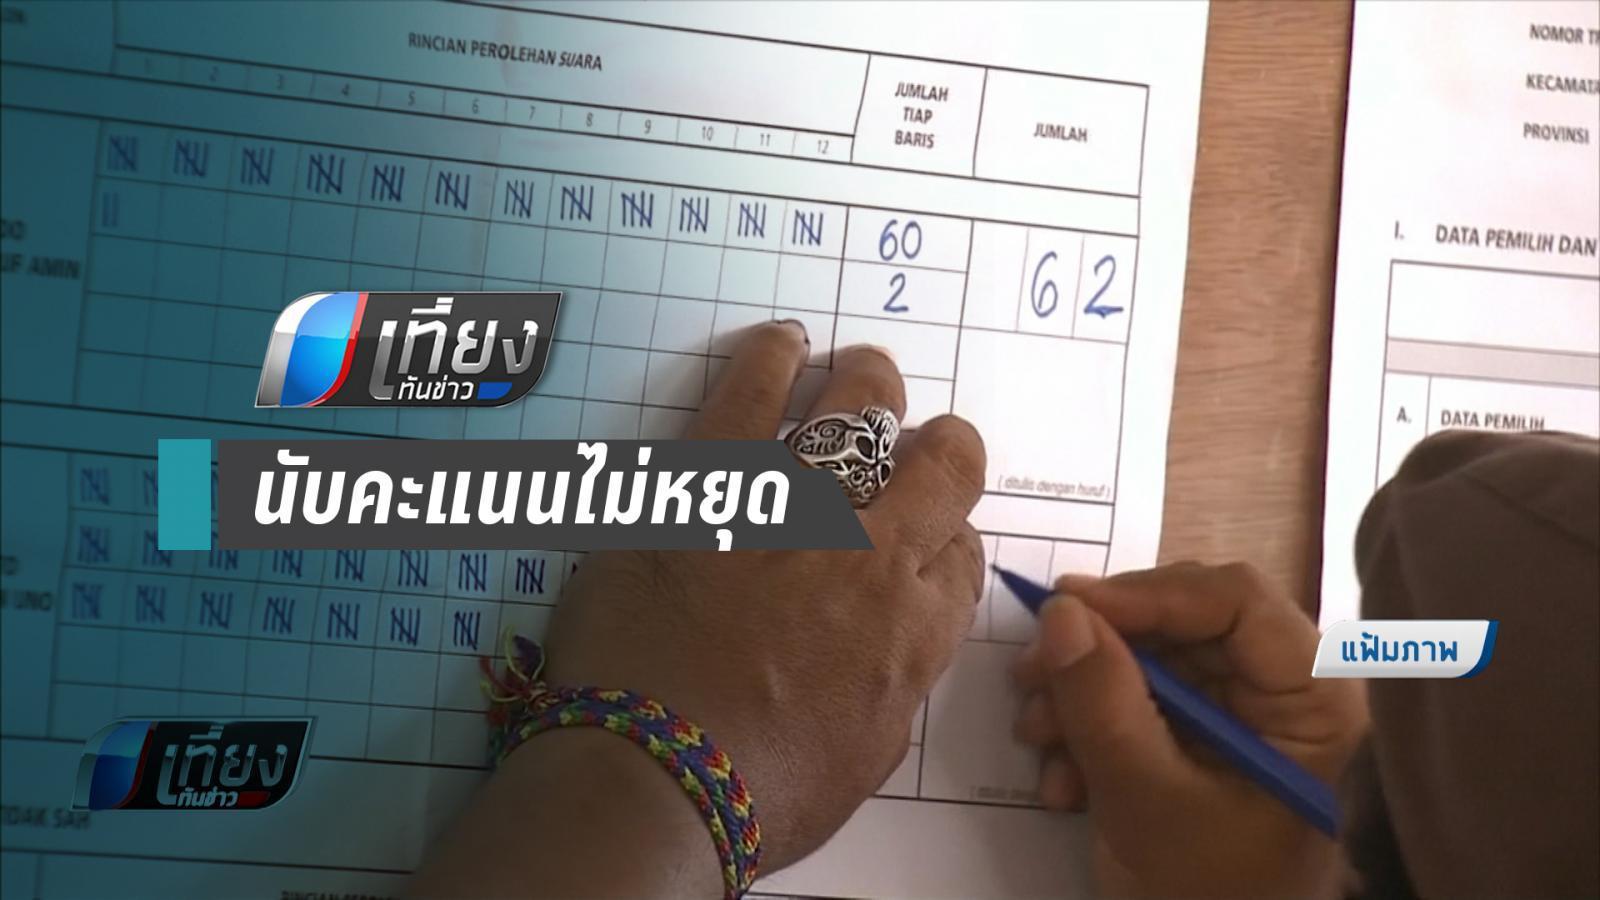 นับคะแนนไม่หยุด !! เลือกตั้งอินโดฯ เจ้าหน้าที่ ตาย 272 ป่วย 1,878 คน